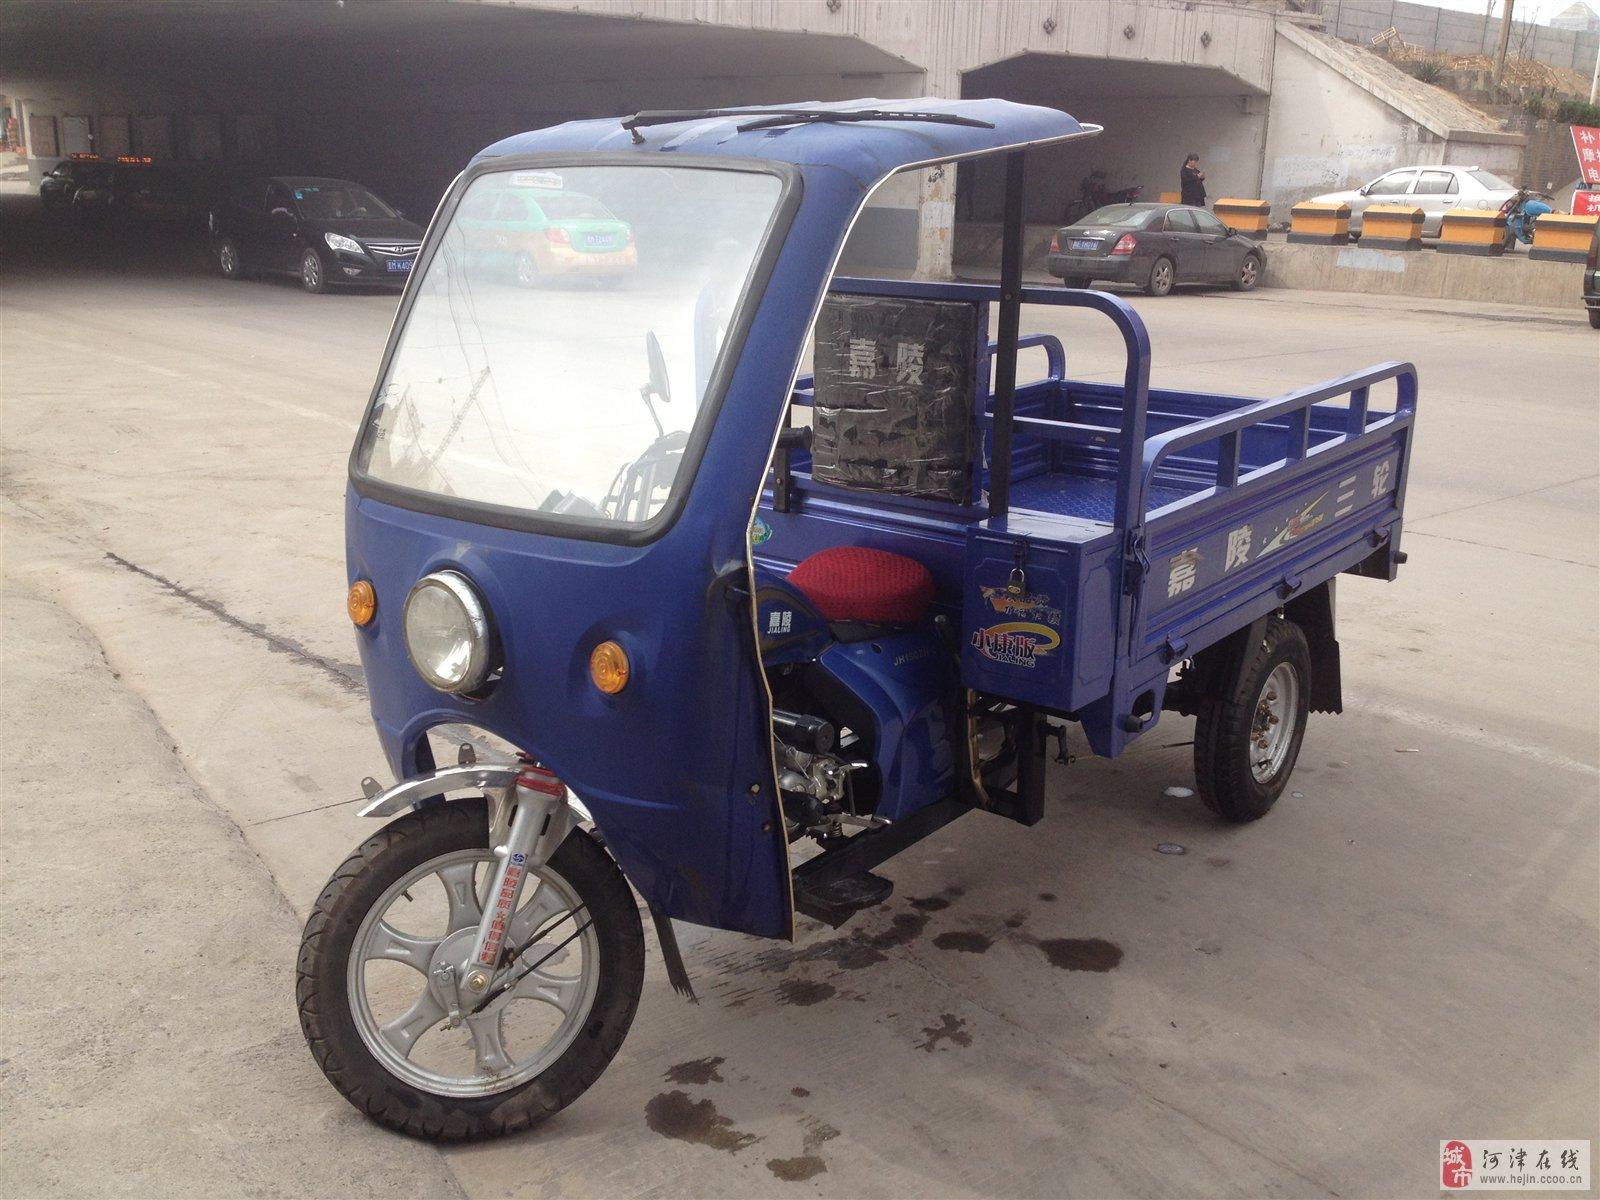 转让嘉陵150三轮摩托车